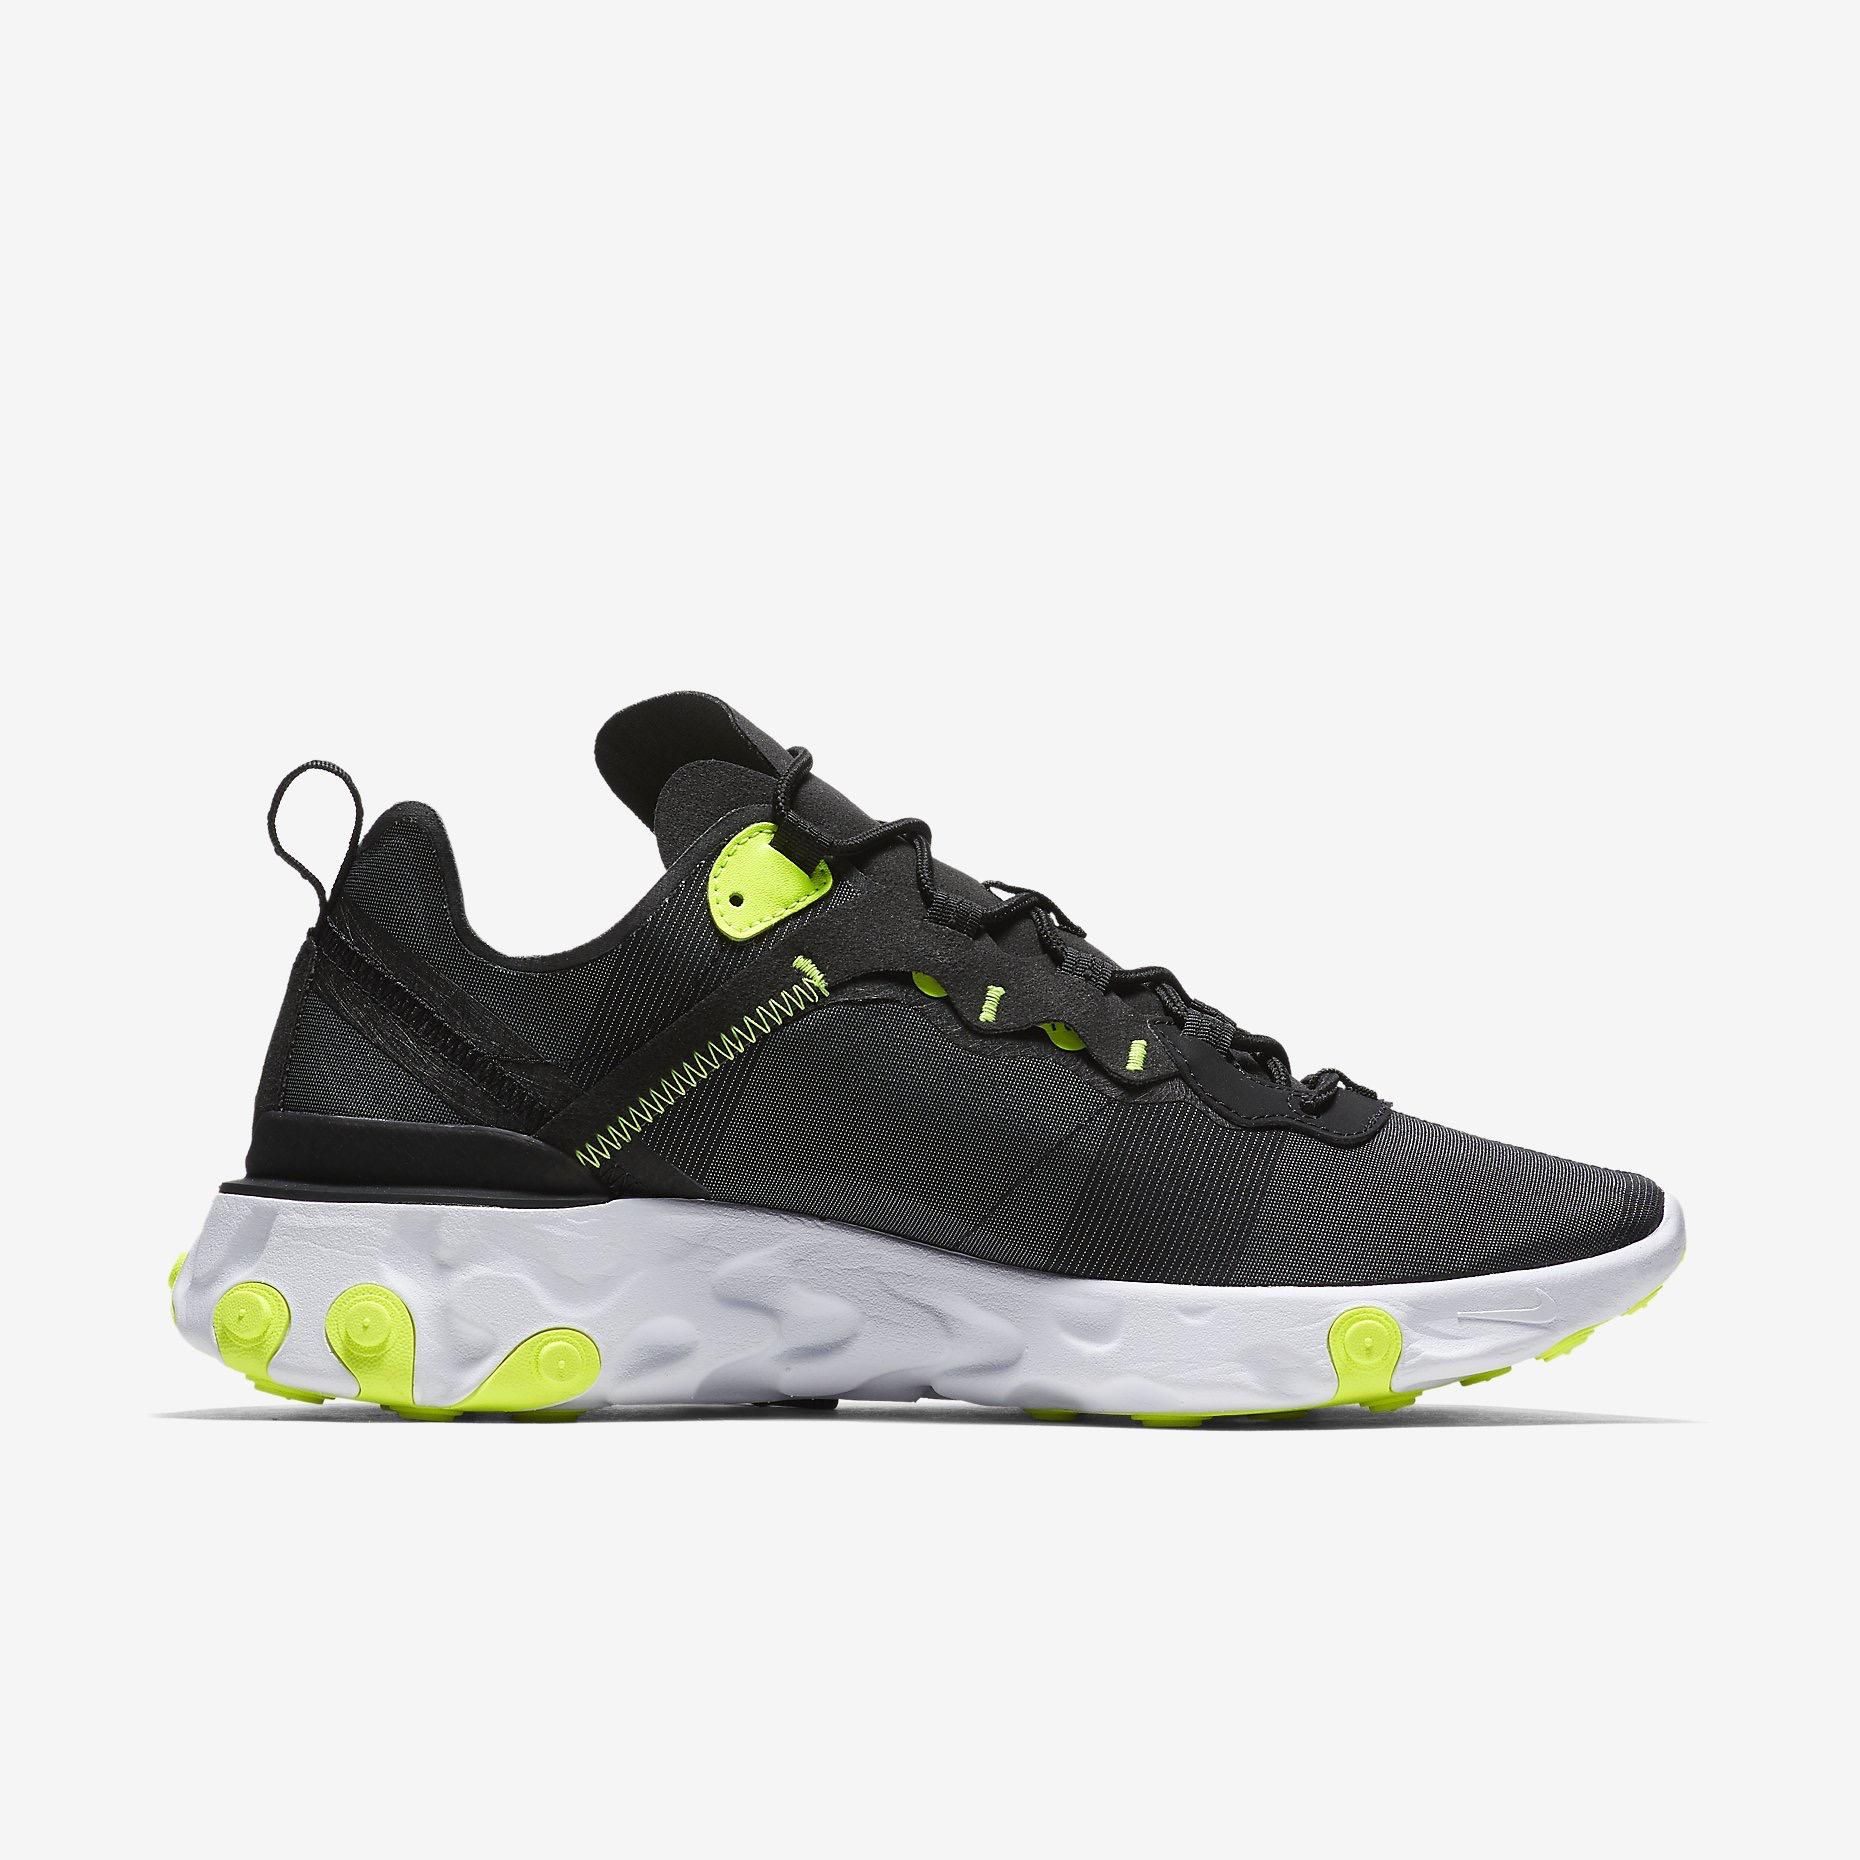 aac66f597754 La Nike React Element 55, la nouvelle sneaker à semelle React qui s'apprête  à voir le jour.